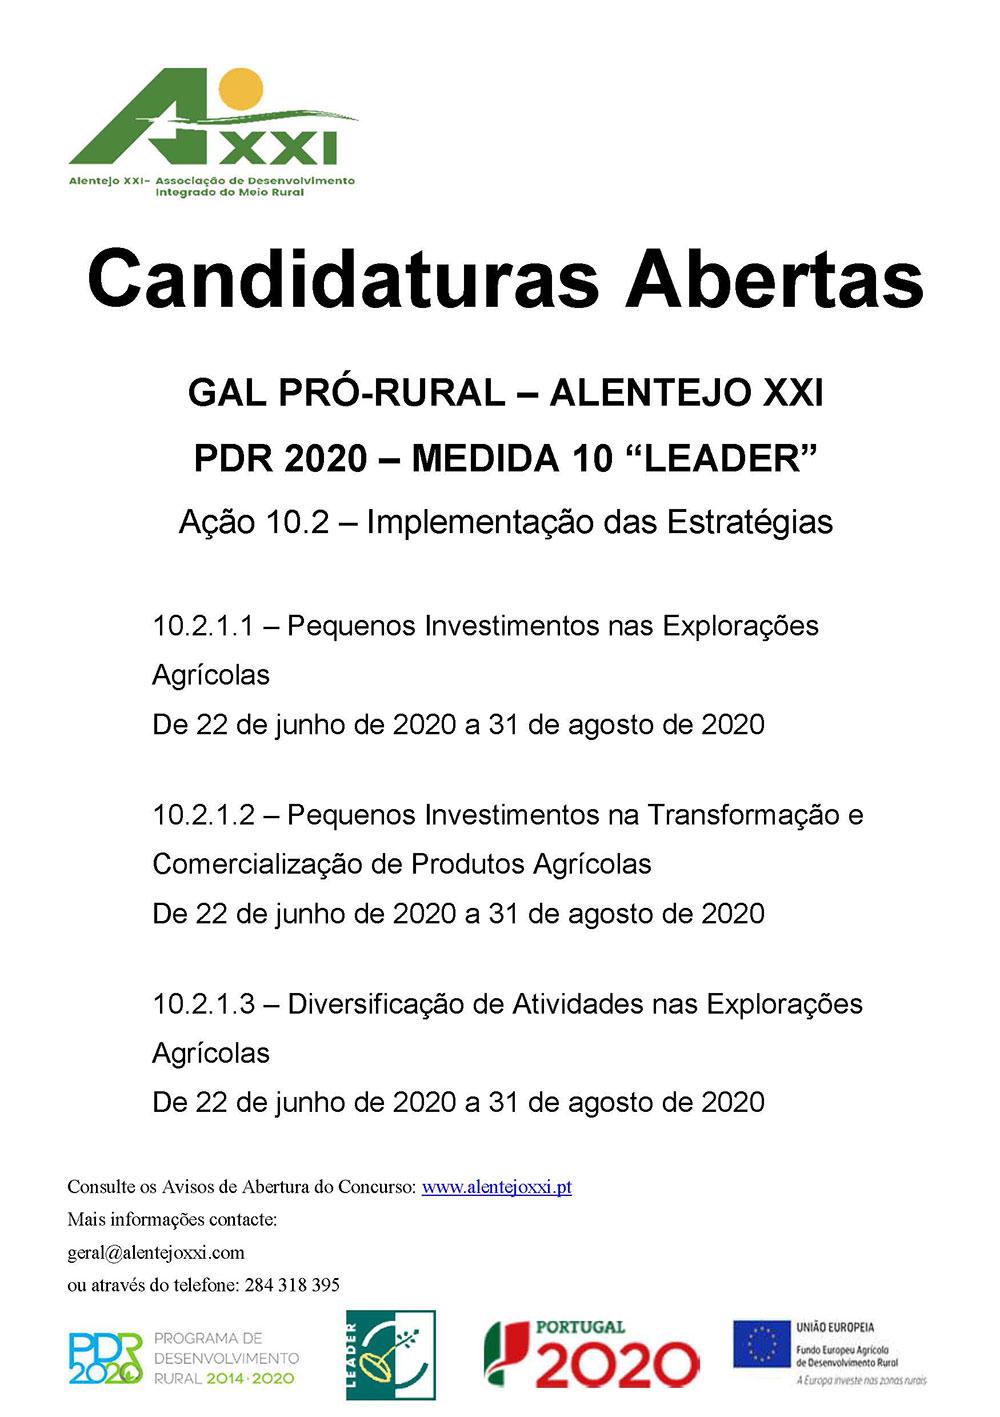 Candidaturas Abertas